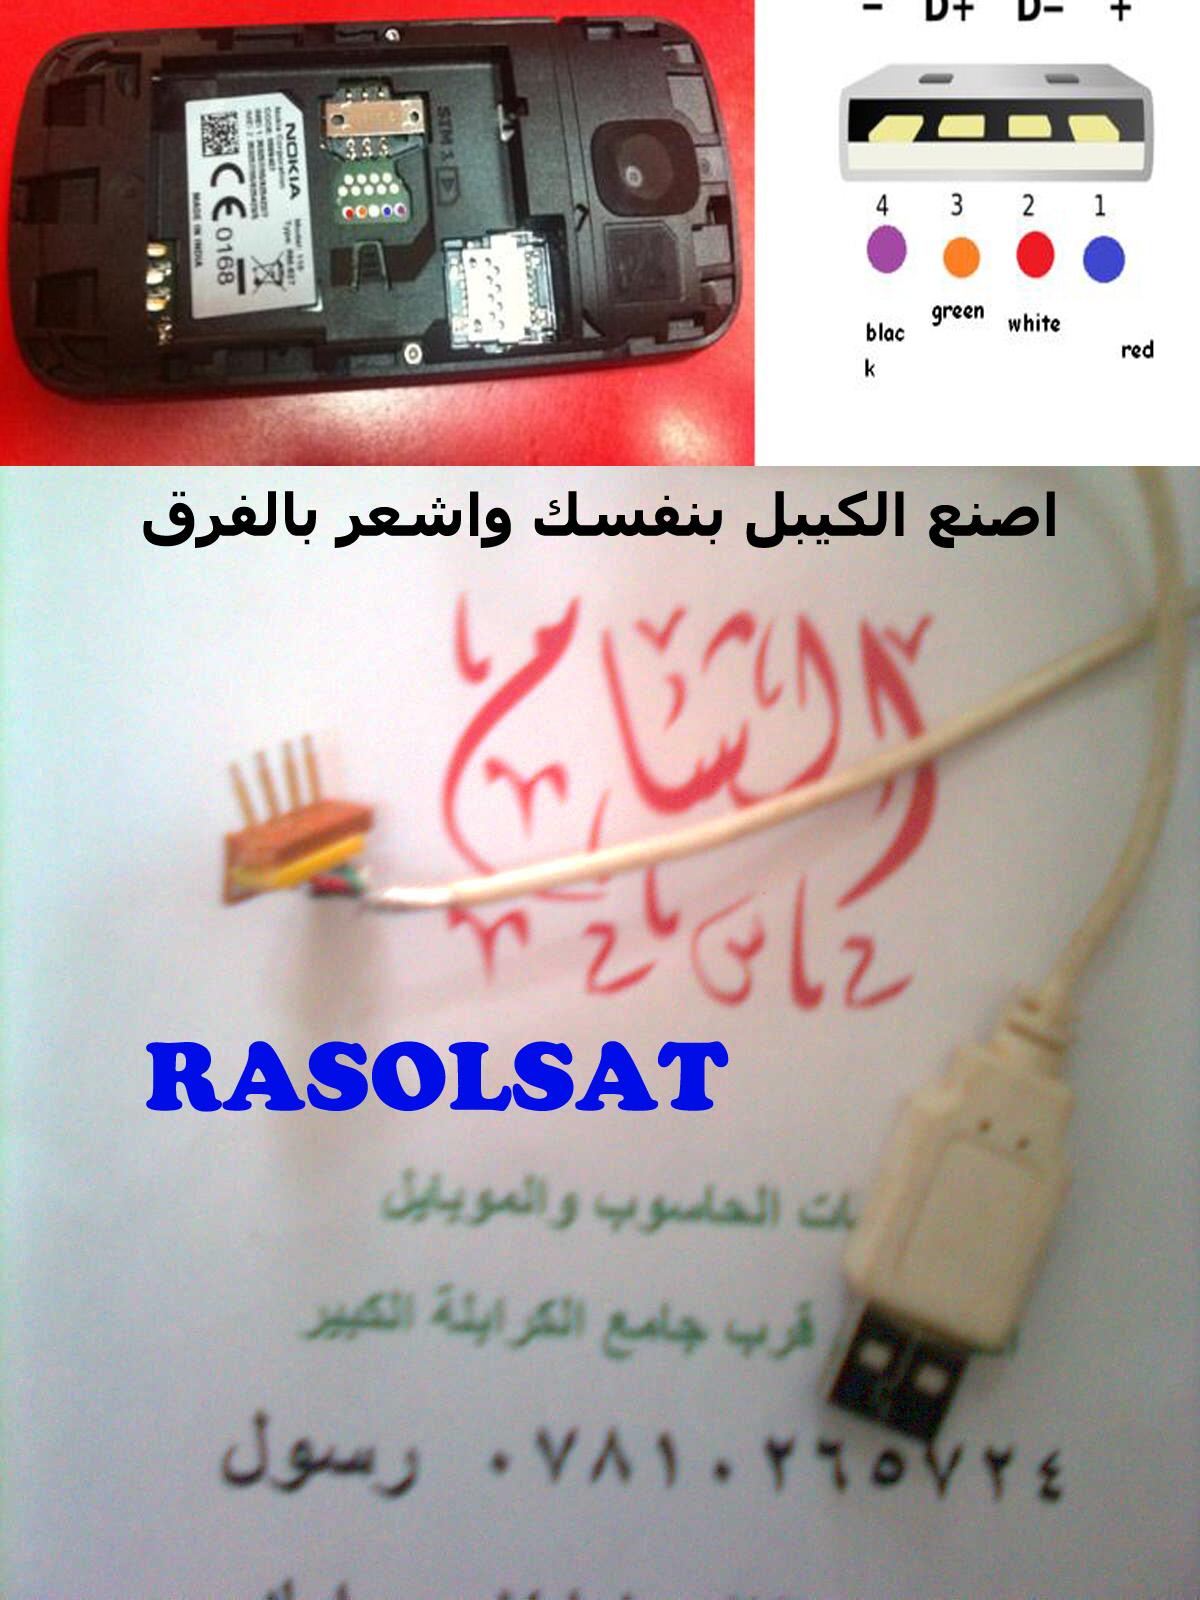 ما هو الكابل المستخدم للهاتف نوكيا 110